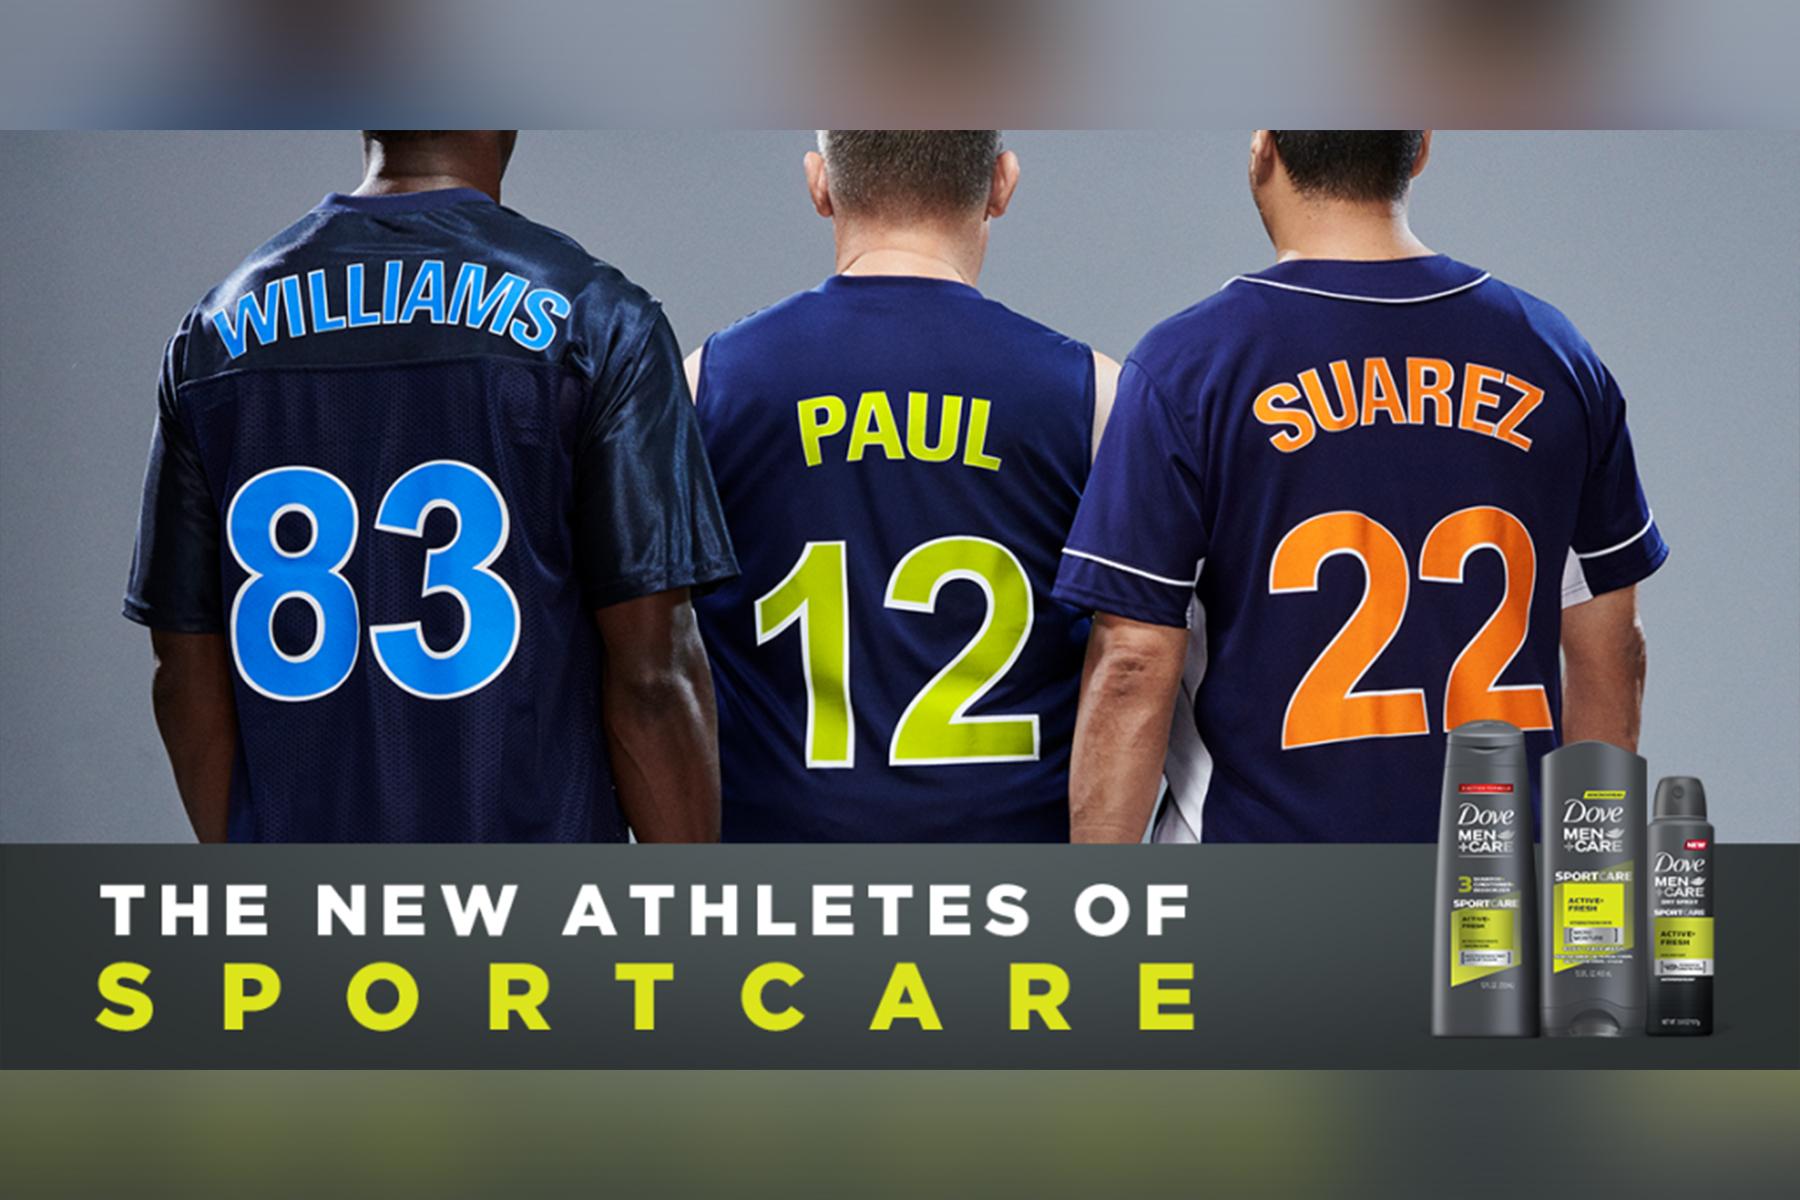 The Dove Men+Care Sportcare campaign.